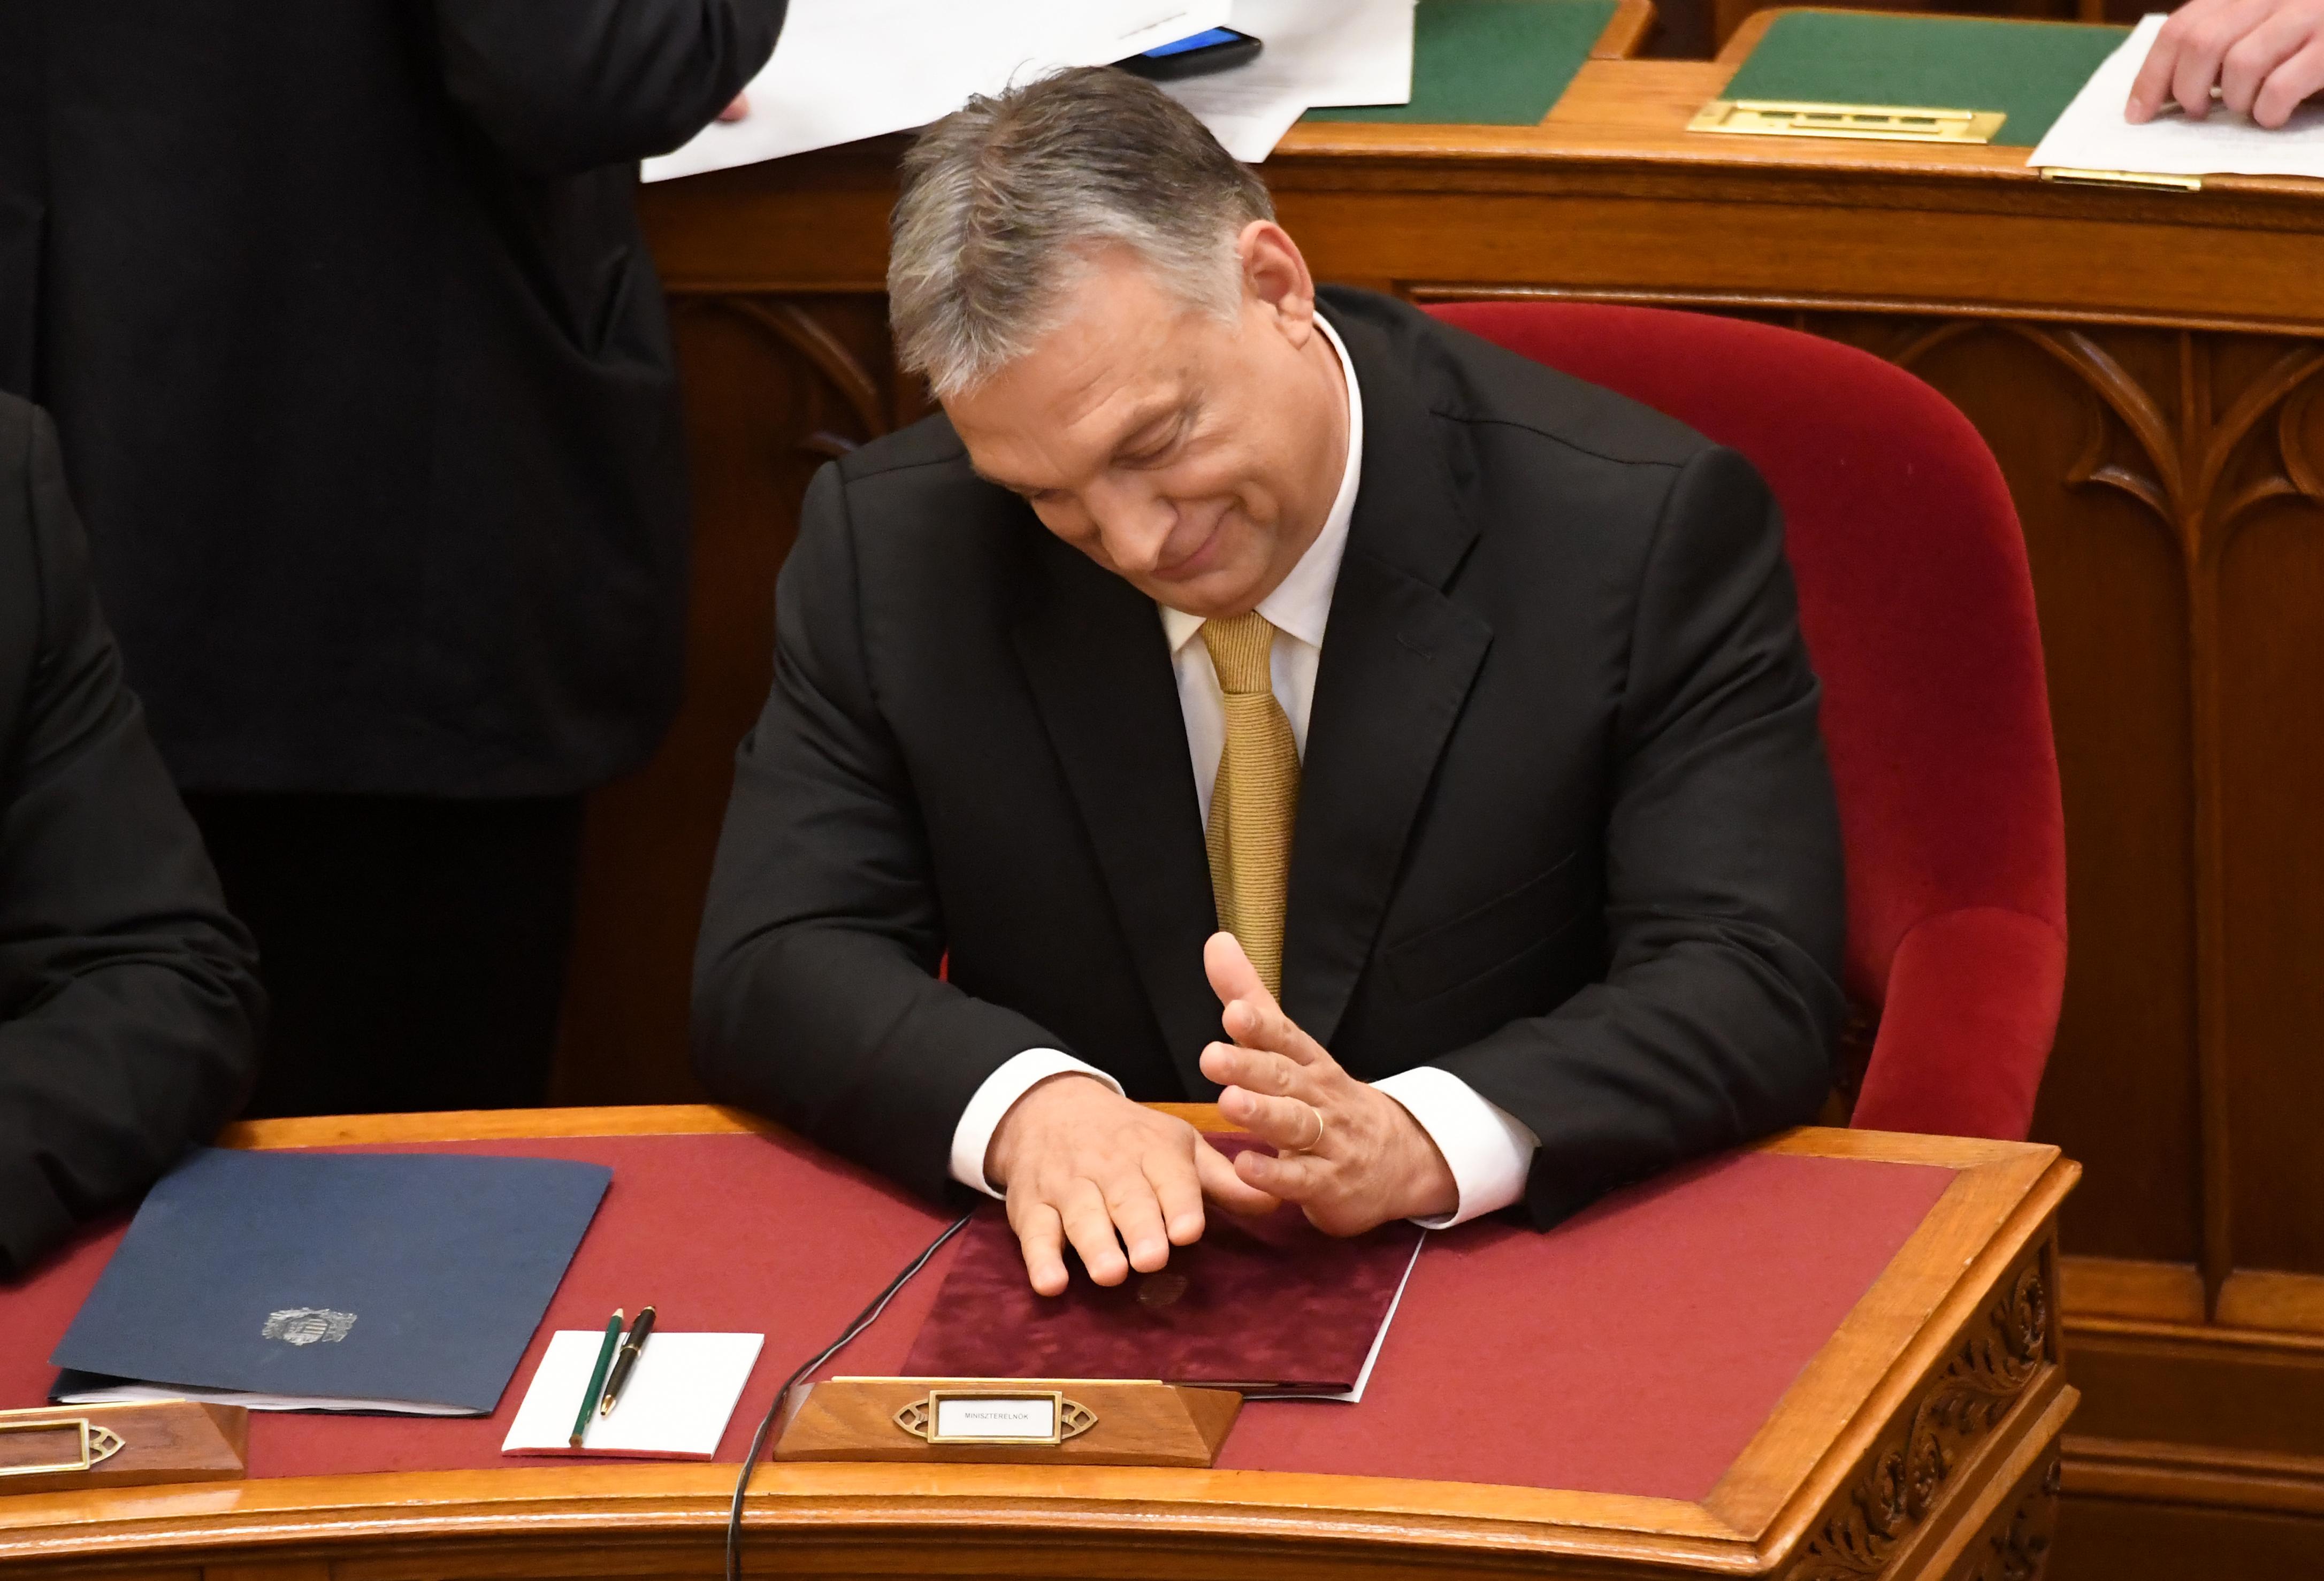 Orbán kivonta a szabályok alól a kormányzati médiaalapítványt, nem lesz versenyjogi vizsgálat